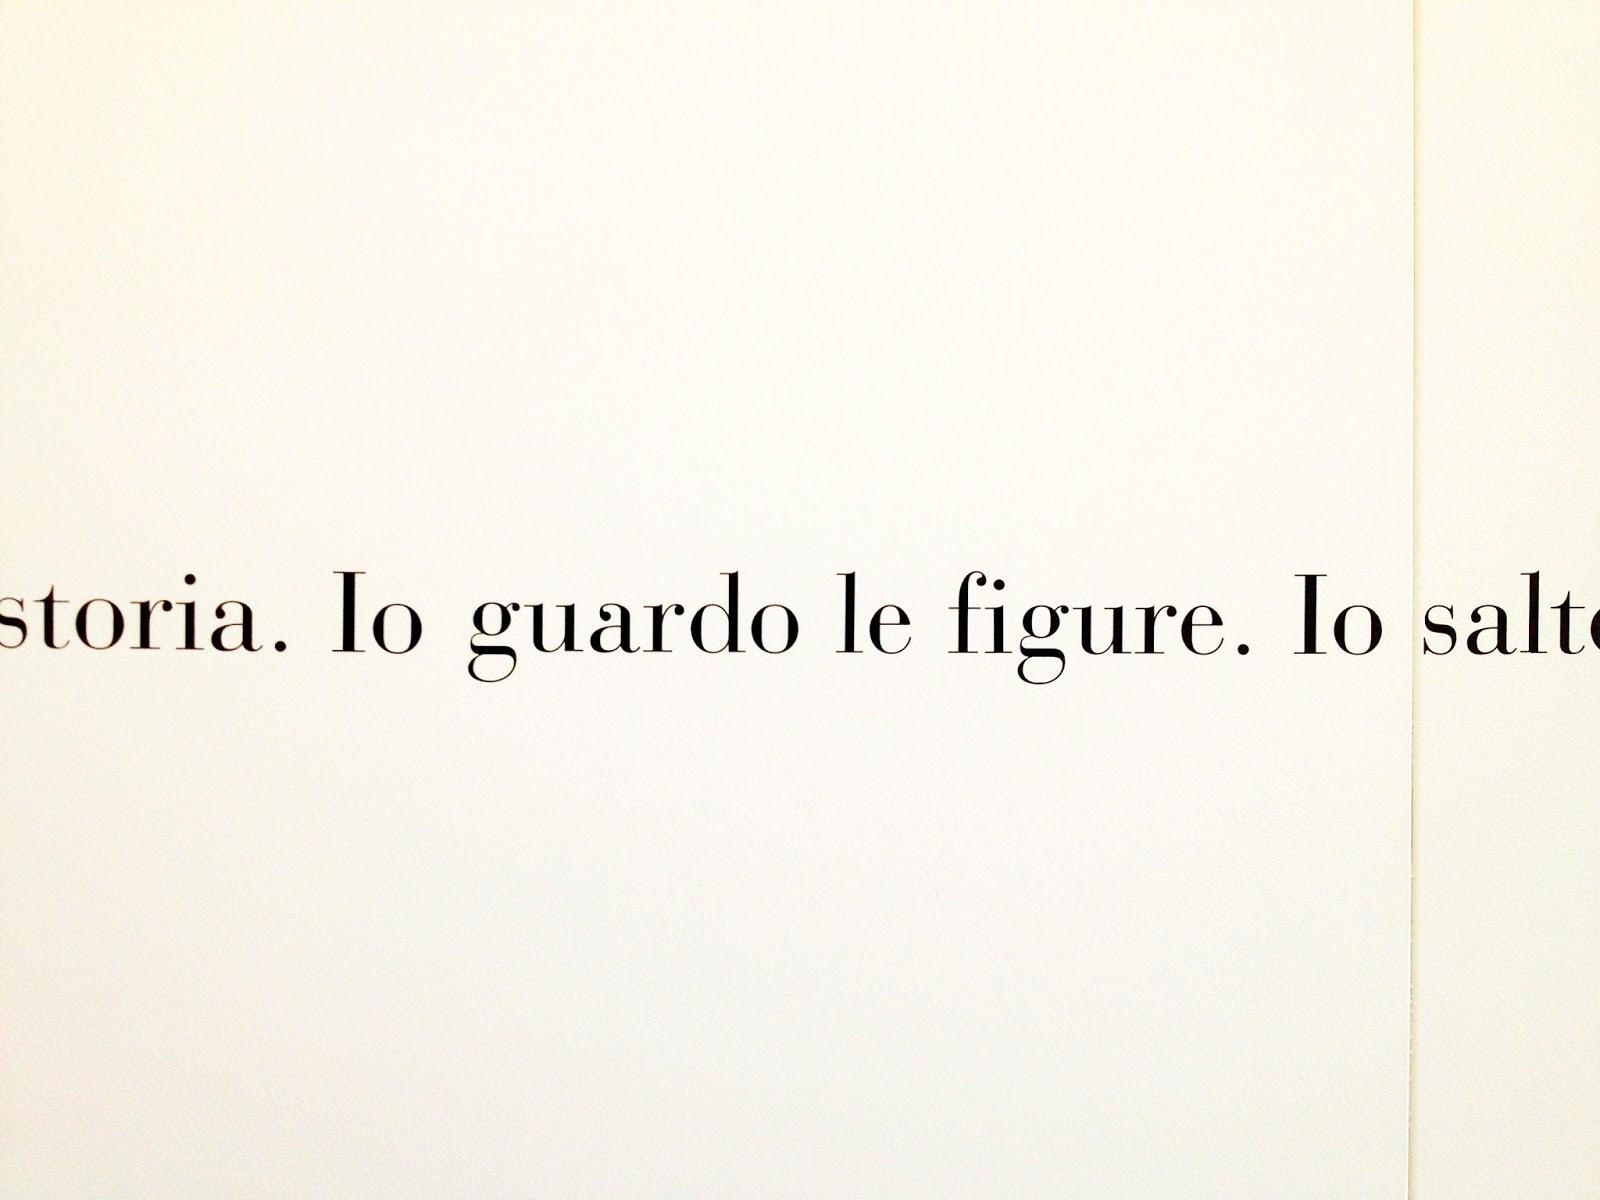 frasi belle sulla vita in spagnolo